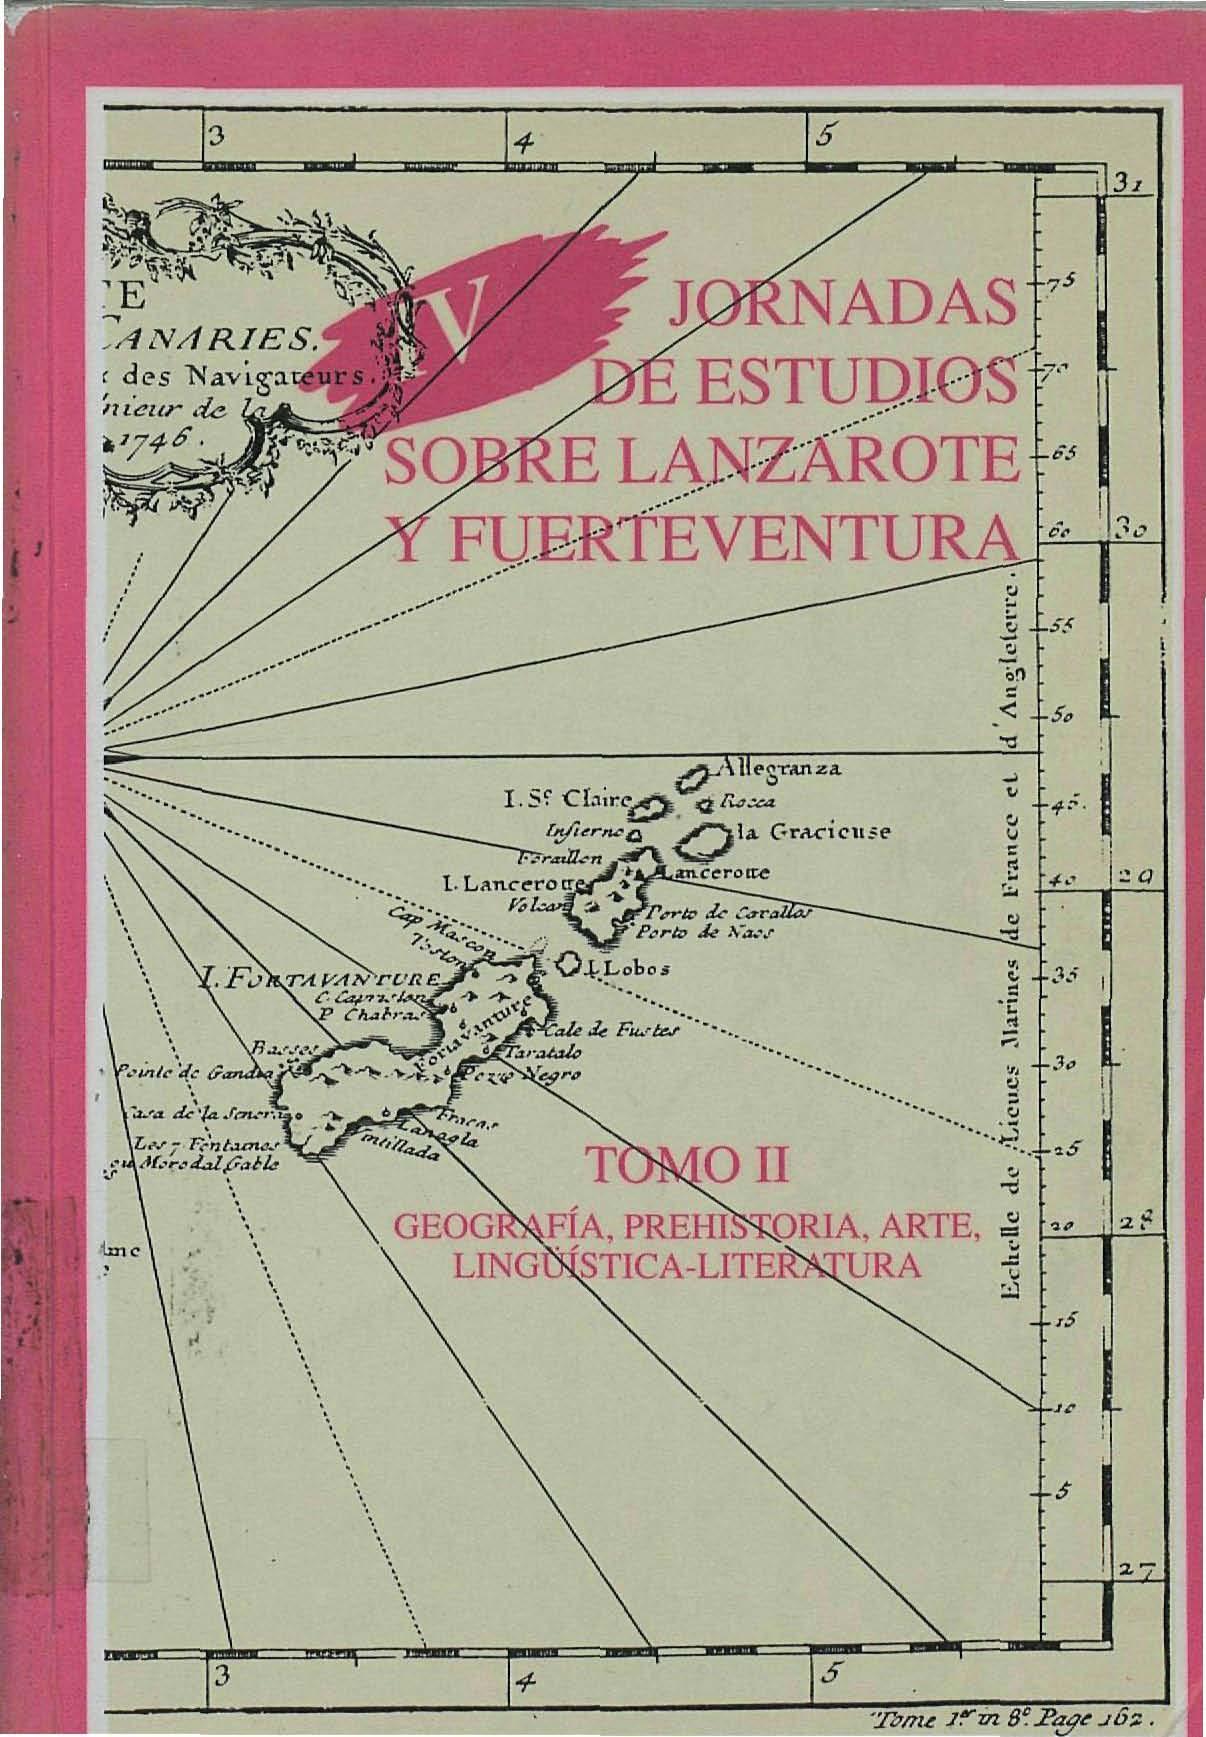 Turismo y transformación del territorio